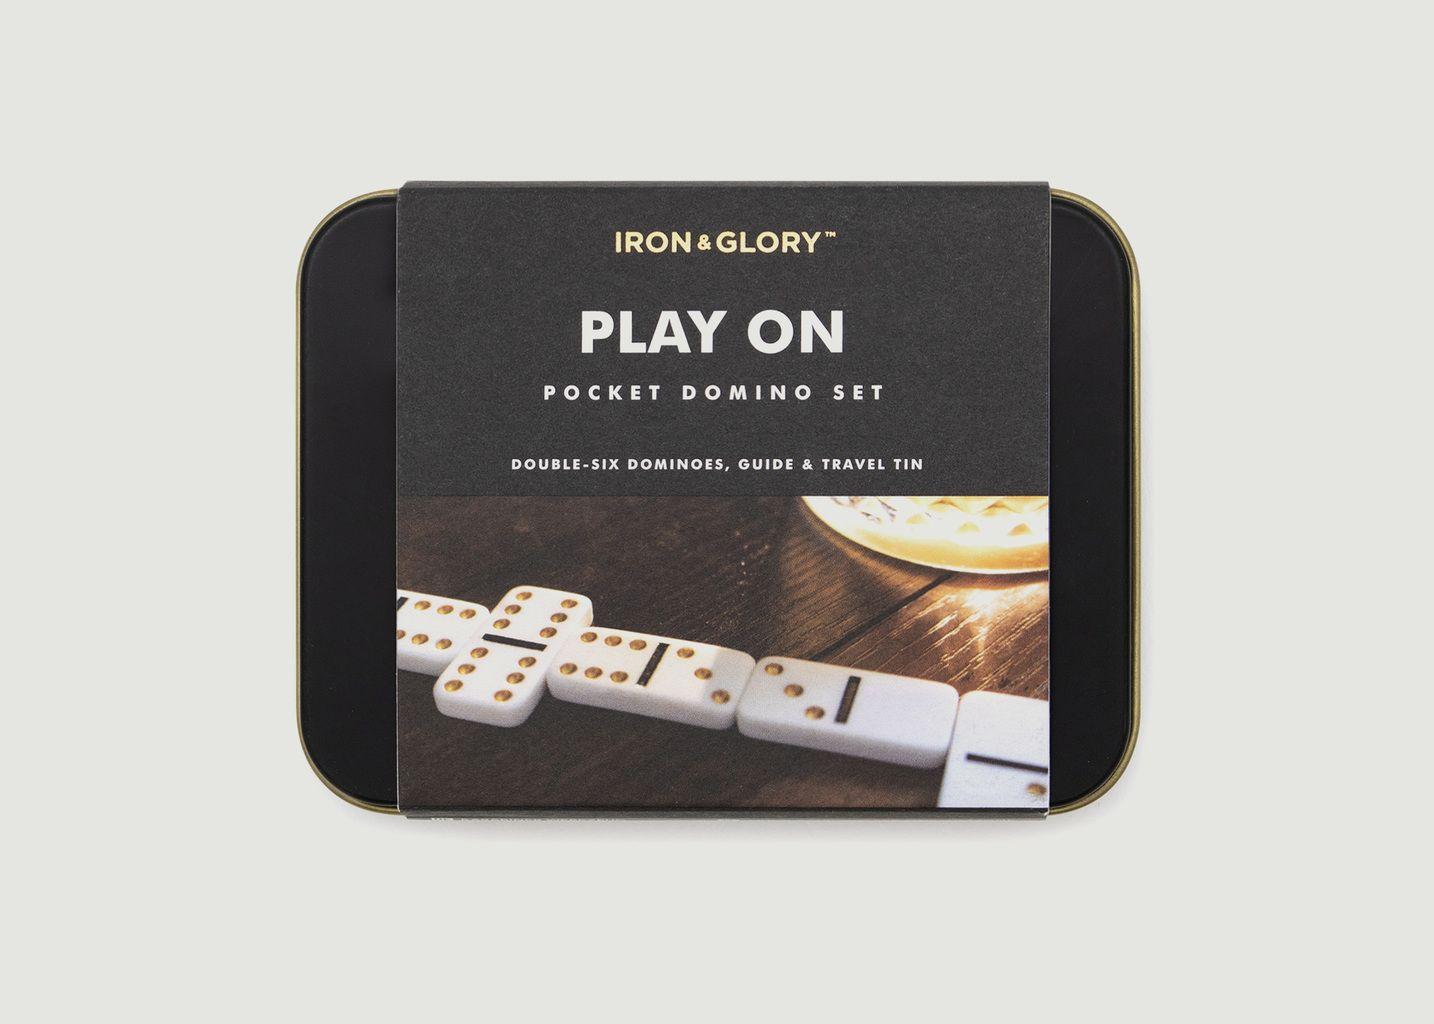 Play on - Mini jeu de dominos pour les voyages  - Luckies